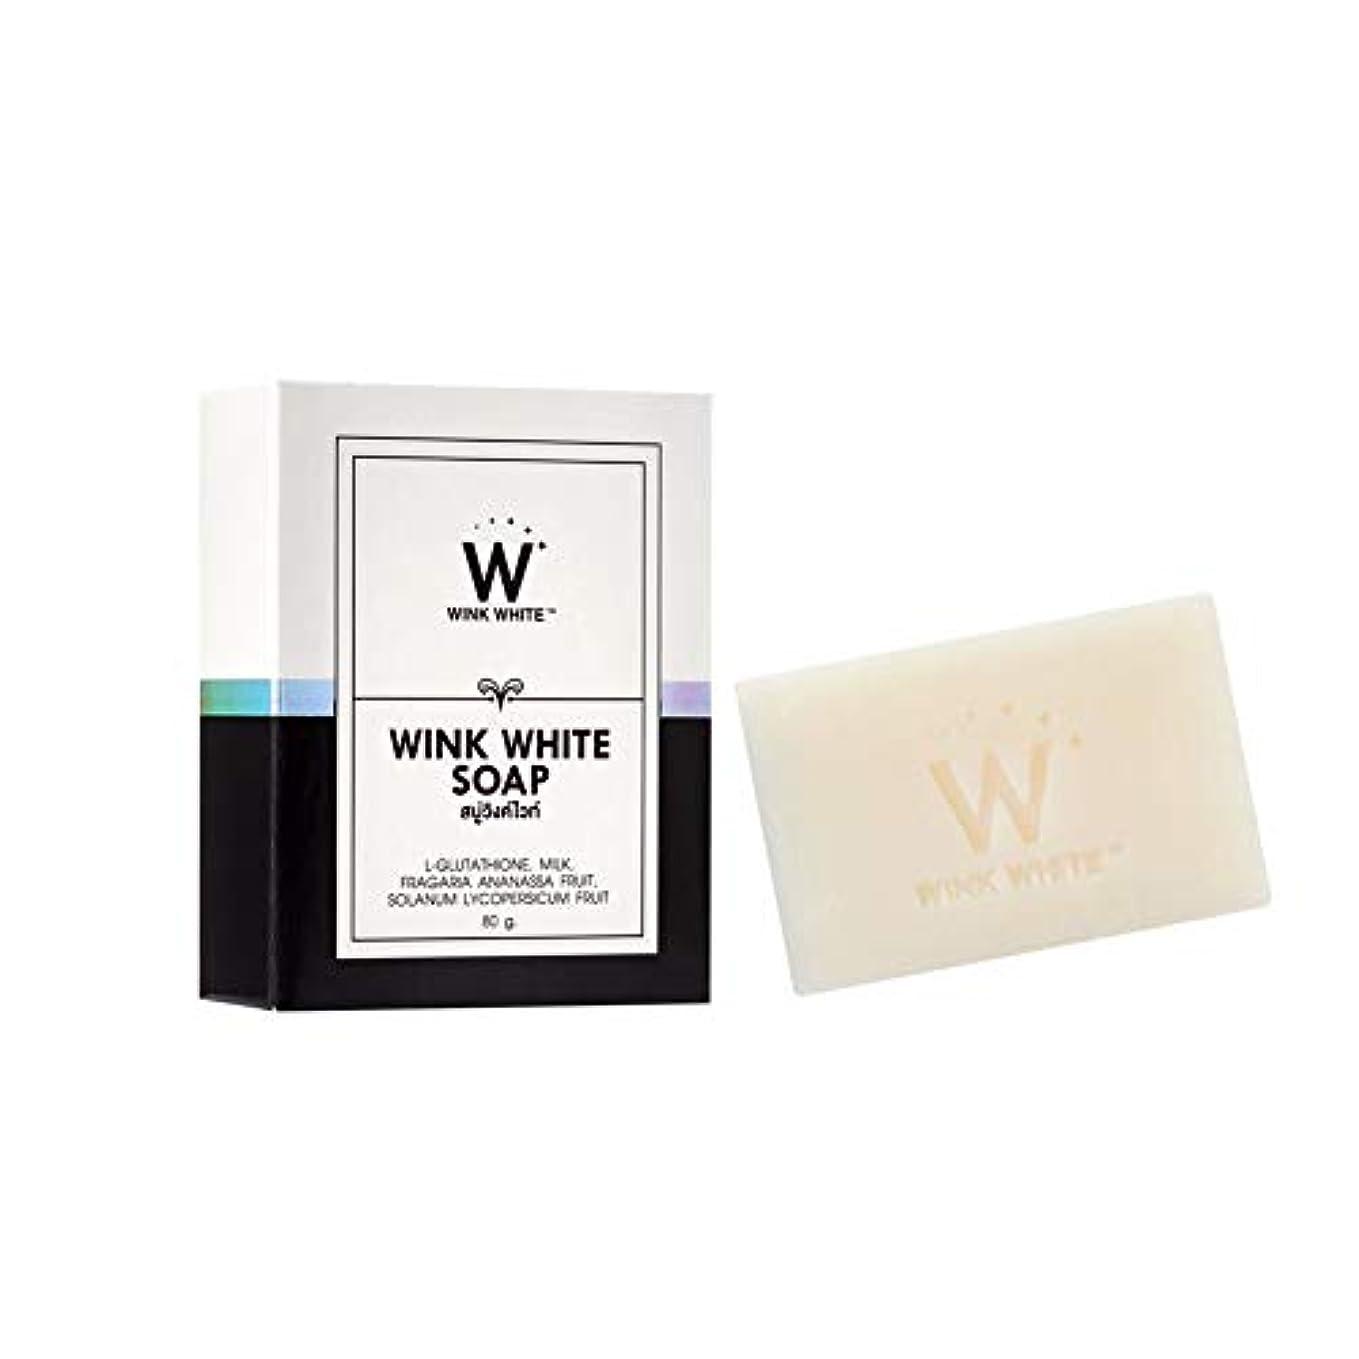 マルコポーロ年次効率的Soap Net Nature White Soap Base Wink White Soap Gluta Pure Skin Body Whitening Strawberry for Whitening Skin All...